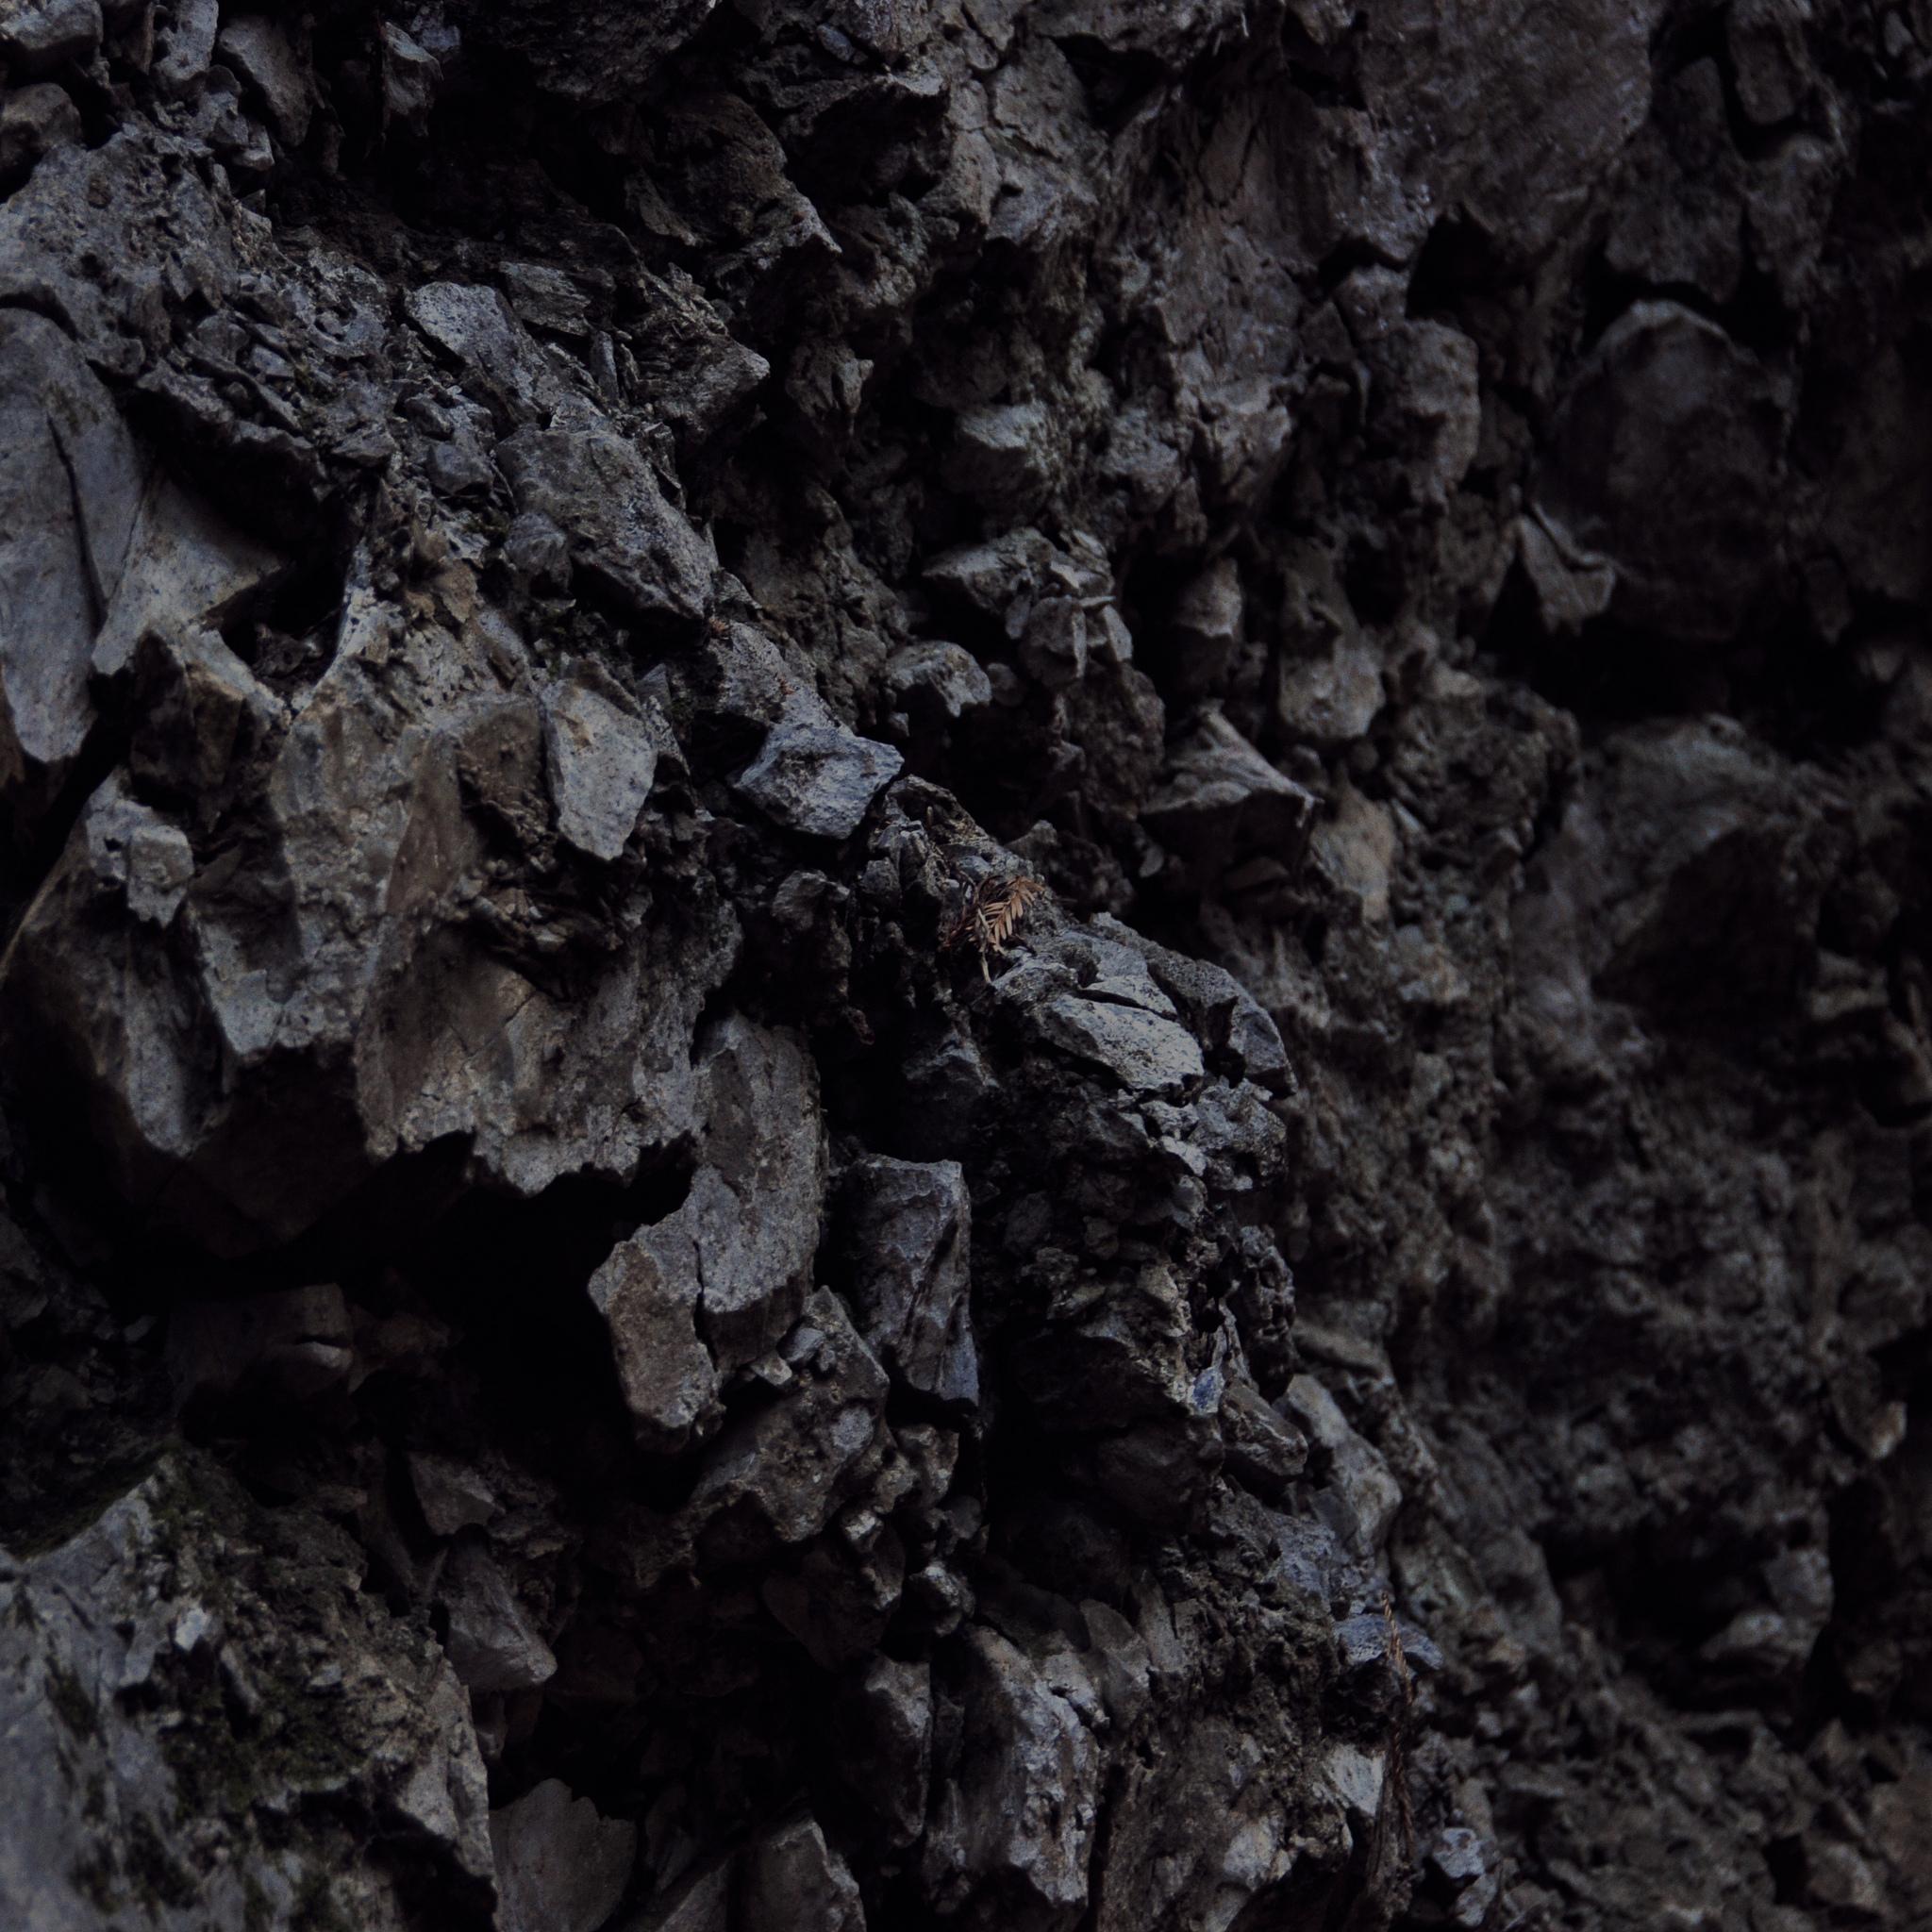 Dark rock texture photo